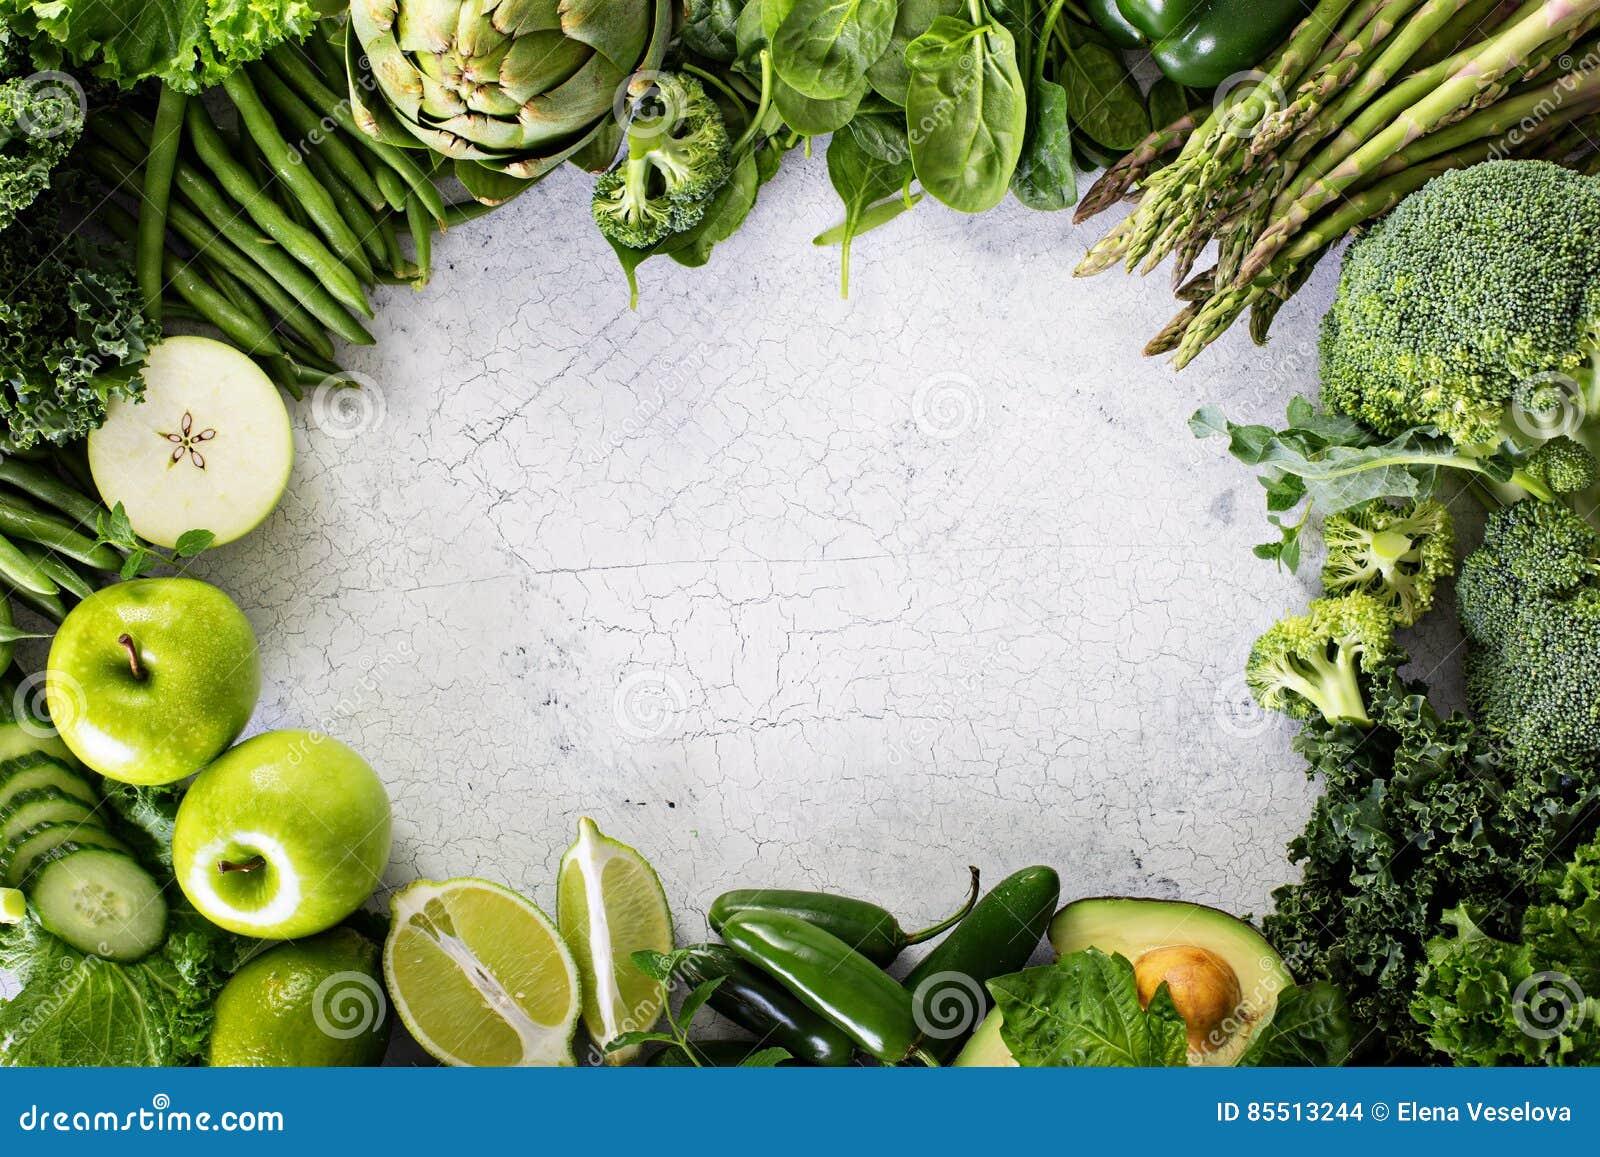 Vielzahl des grünen Gemüses und der Früchte